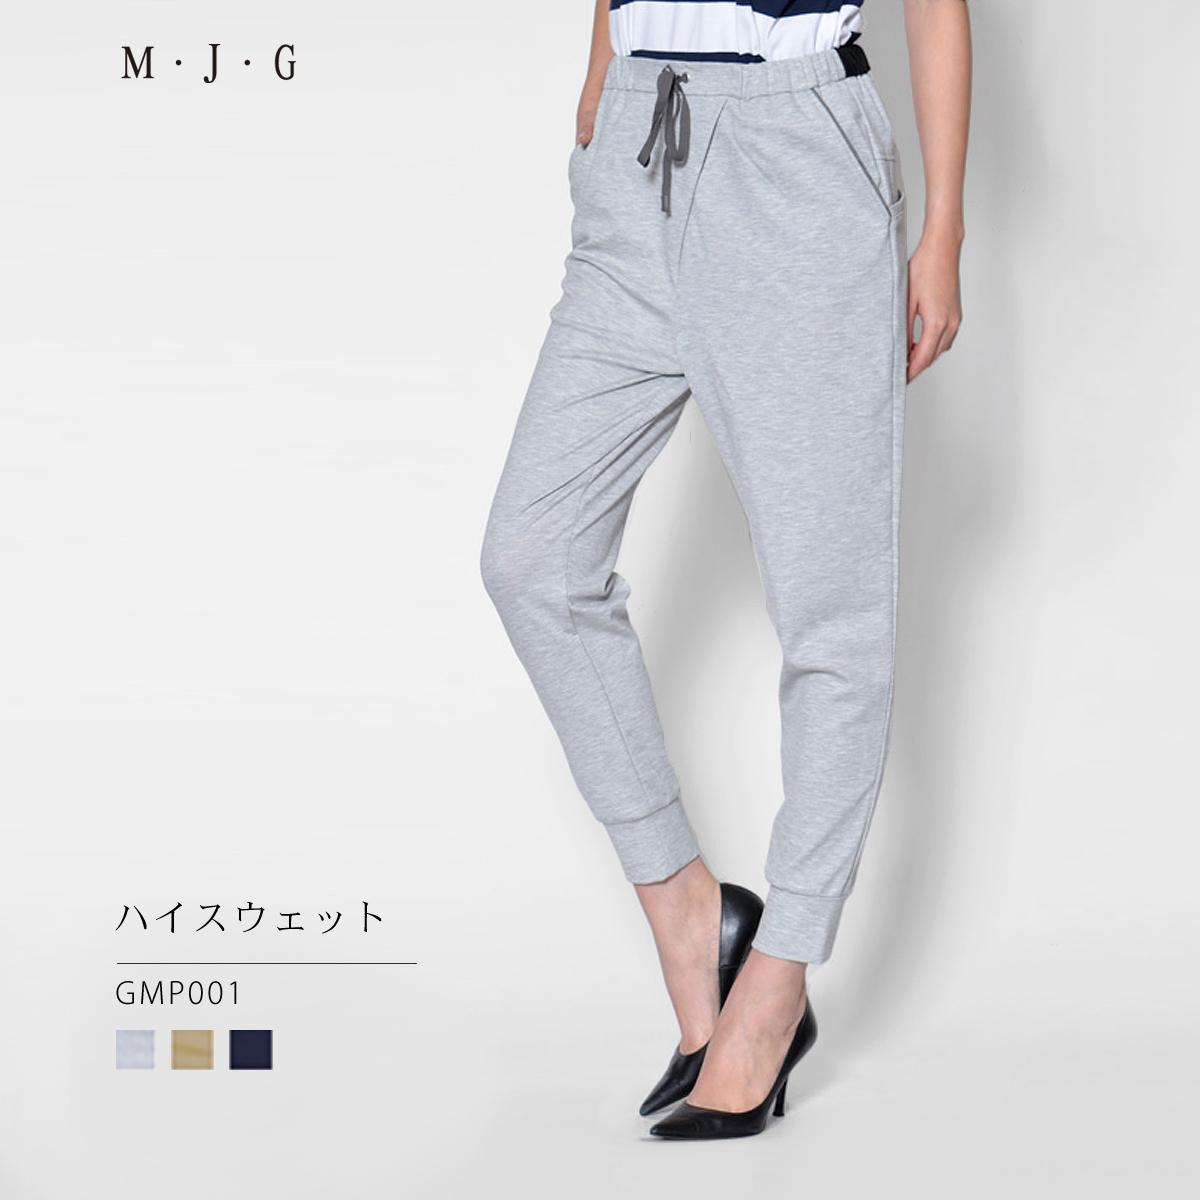 【SALE】M・J・G ハイスウェット GMP001